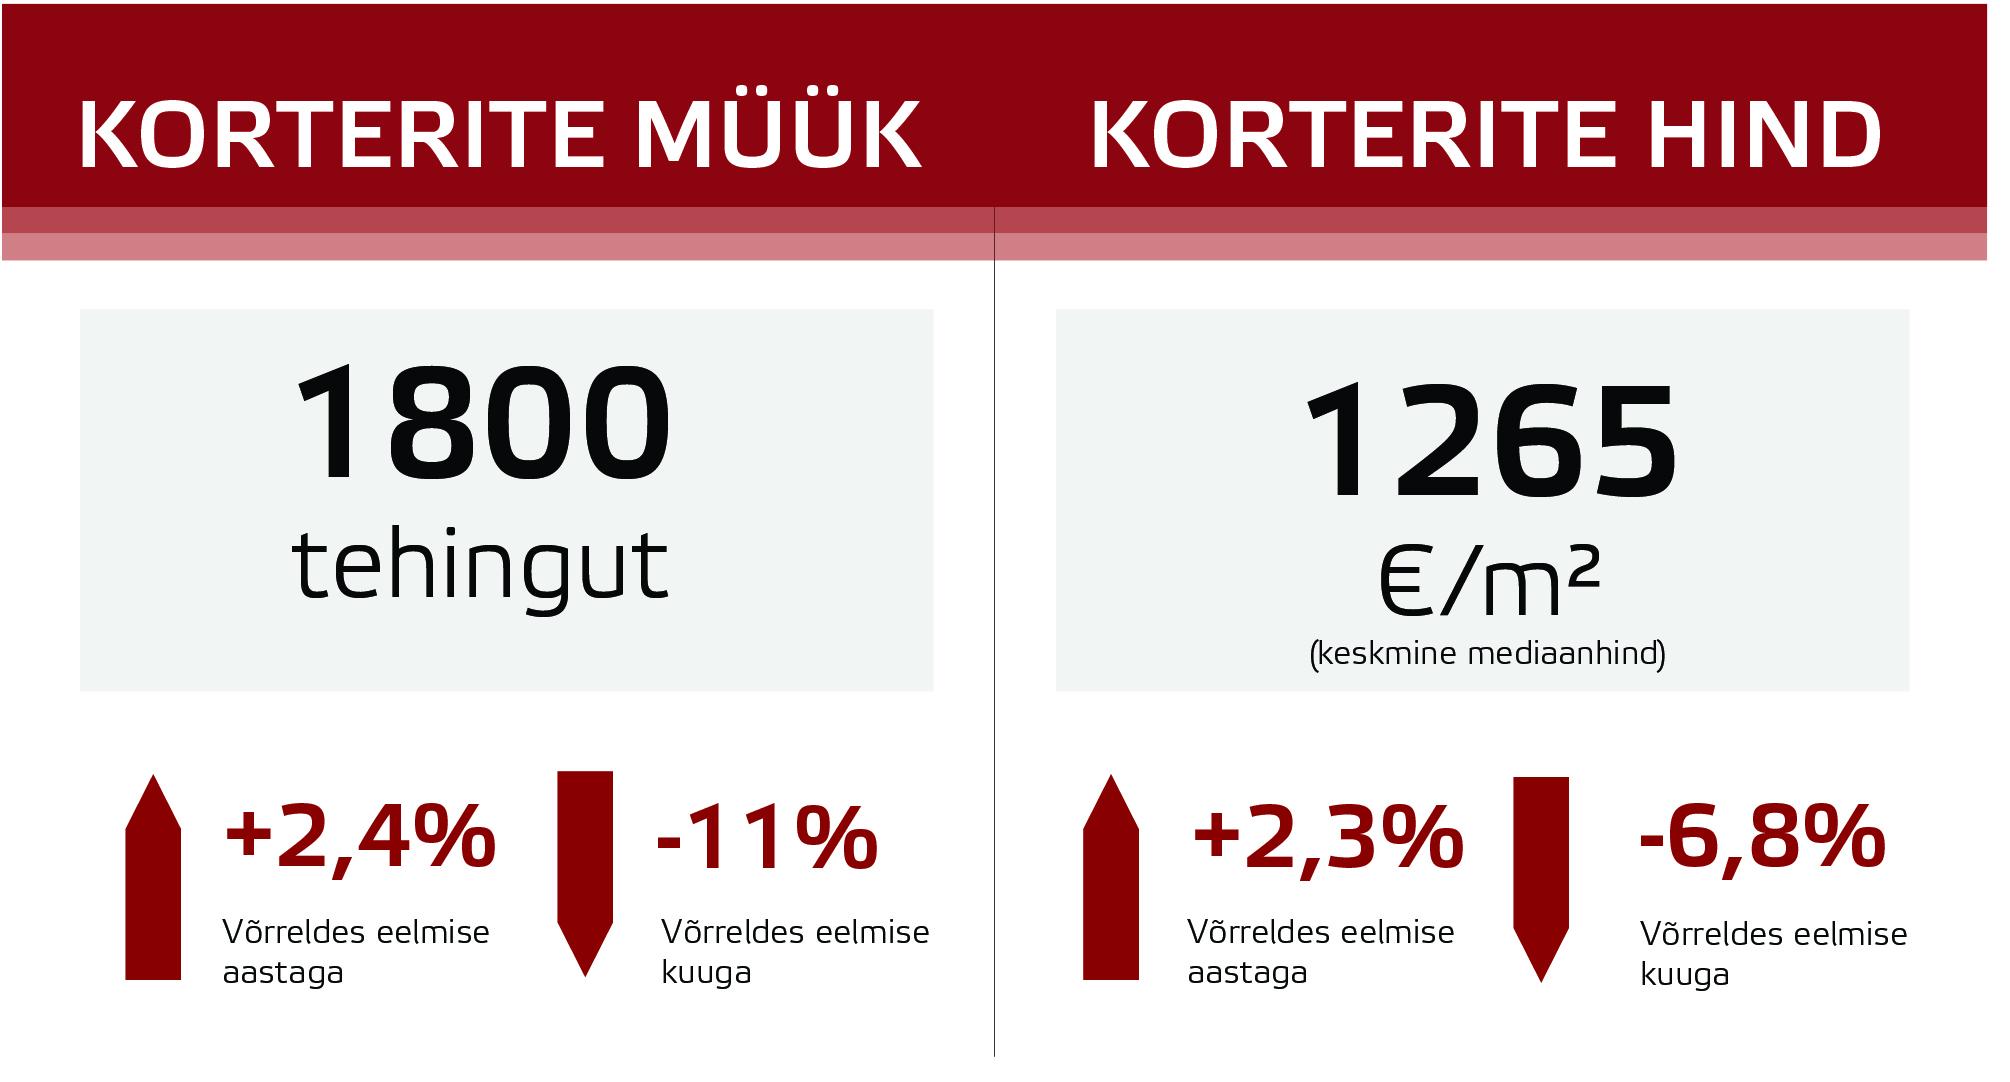 180810 Eesti kinnisvaraturu juulikuu lühiülevaade 1